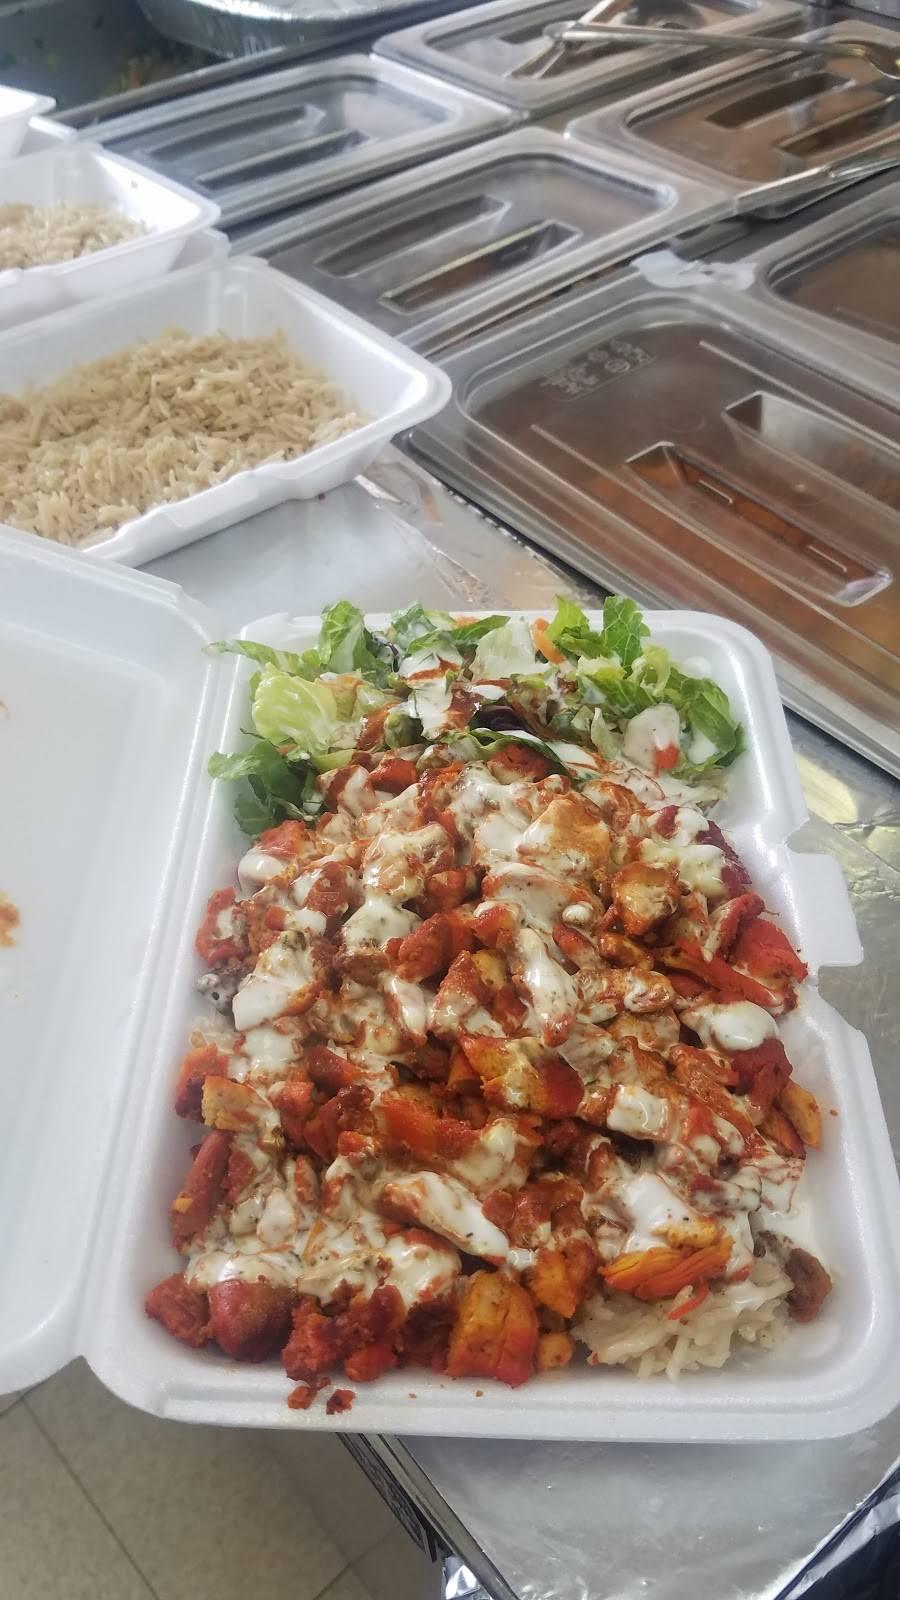 Noor Food   restaurant   84 NY-109, West Babylon, NY 11704, USA   6316203123 OR +1 631-620-3123